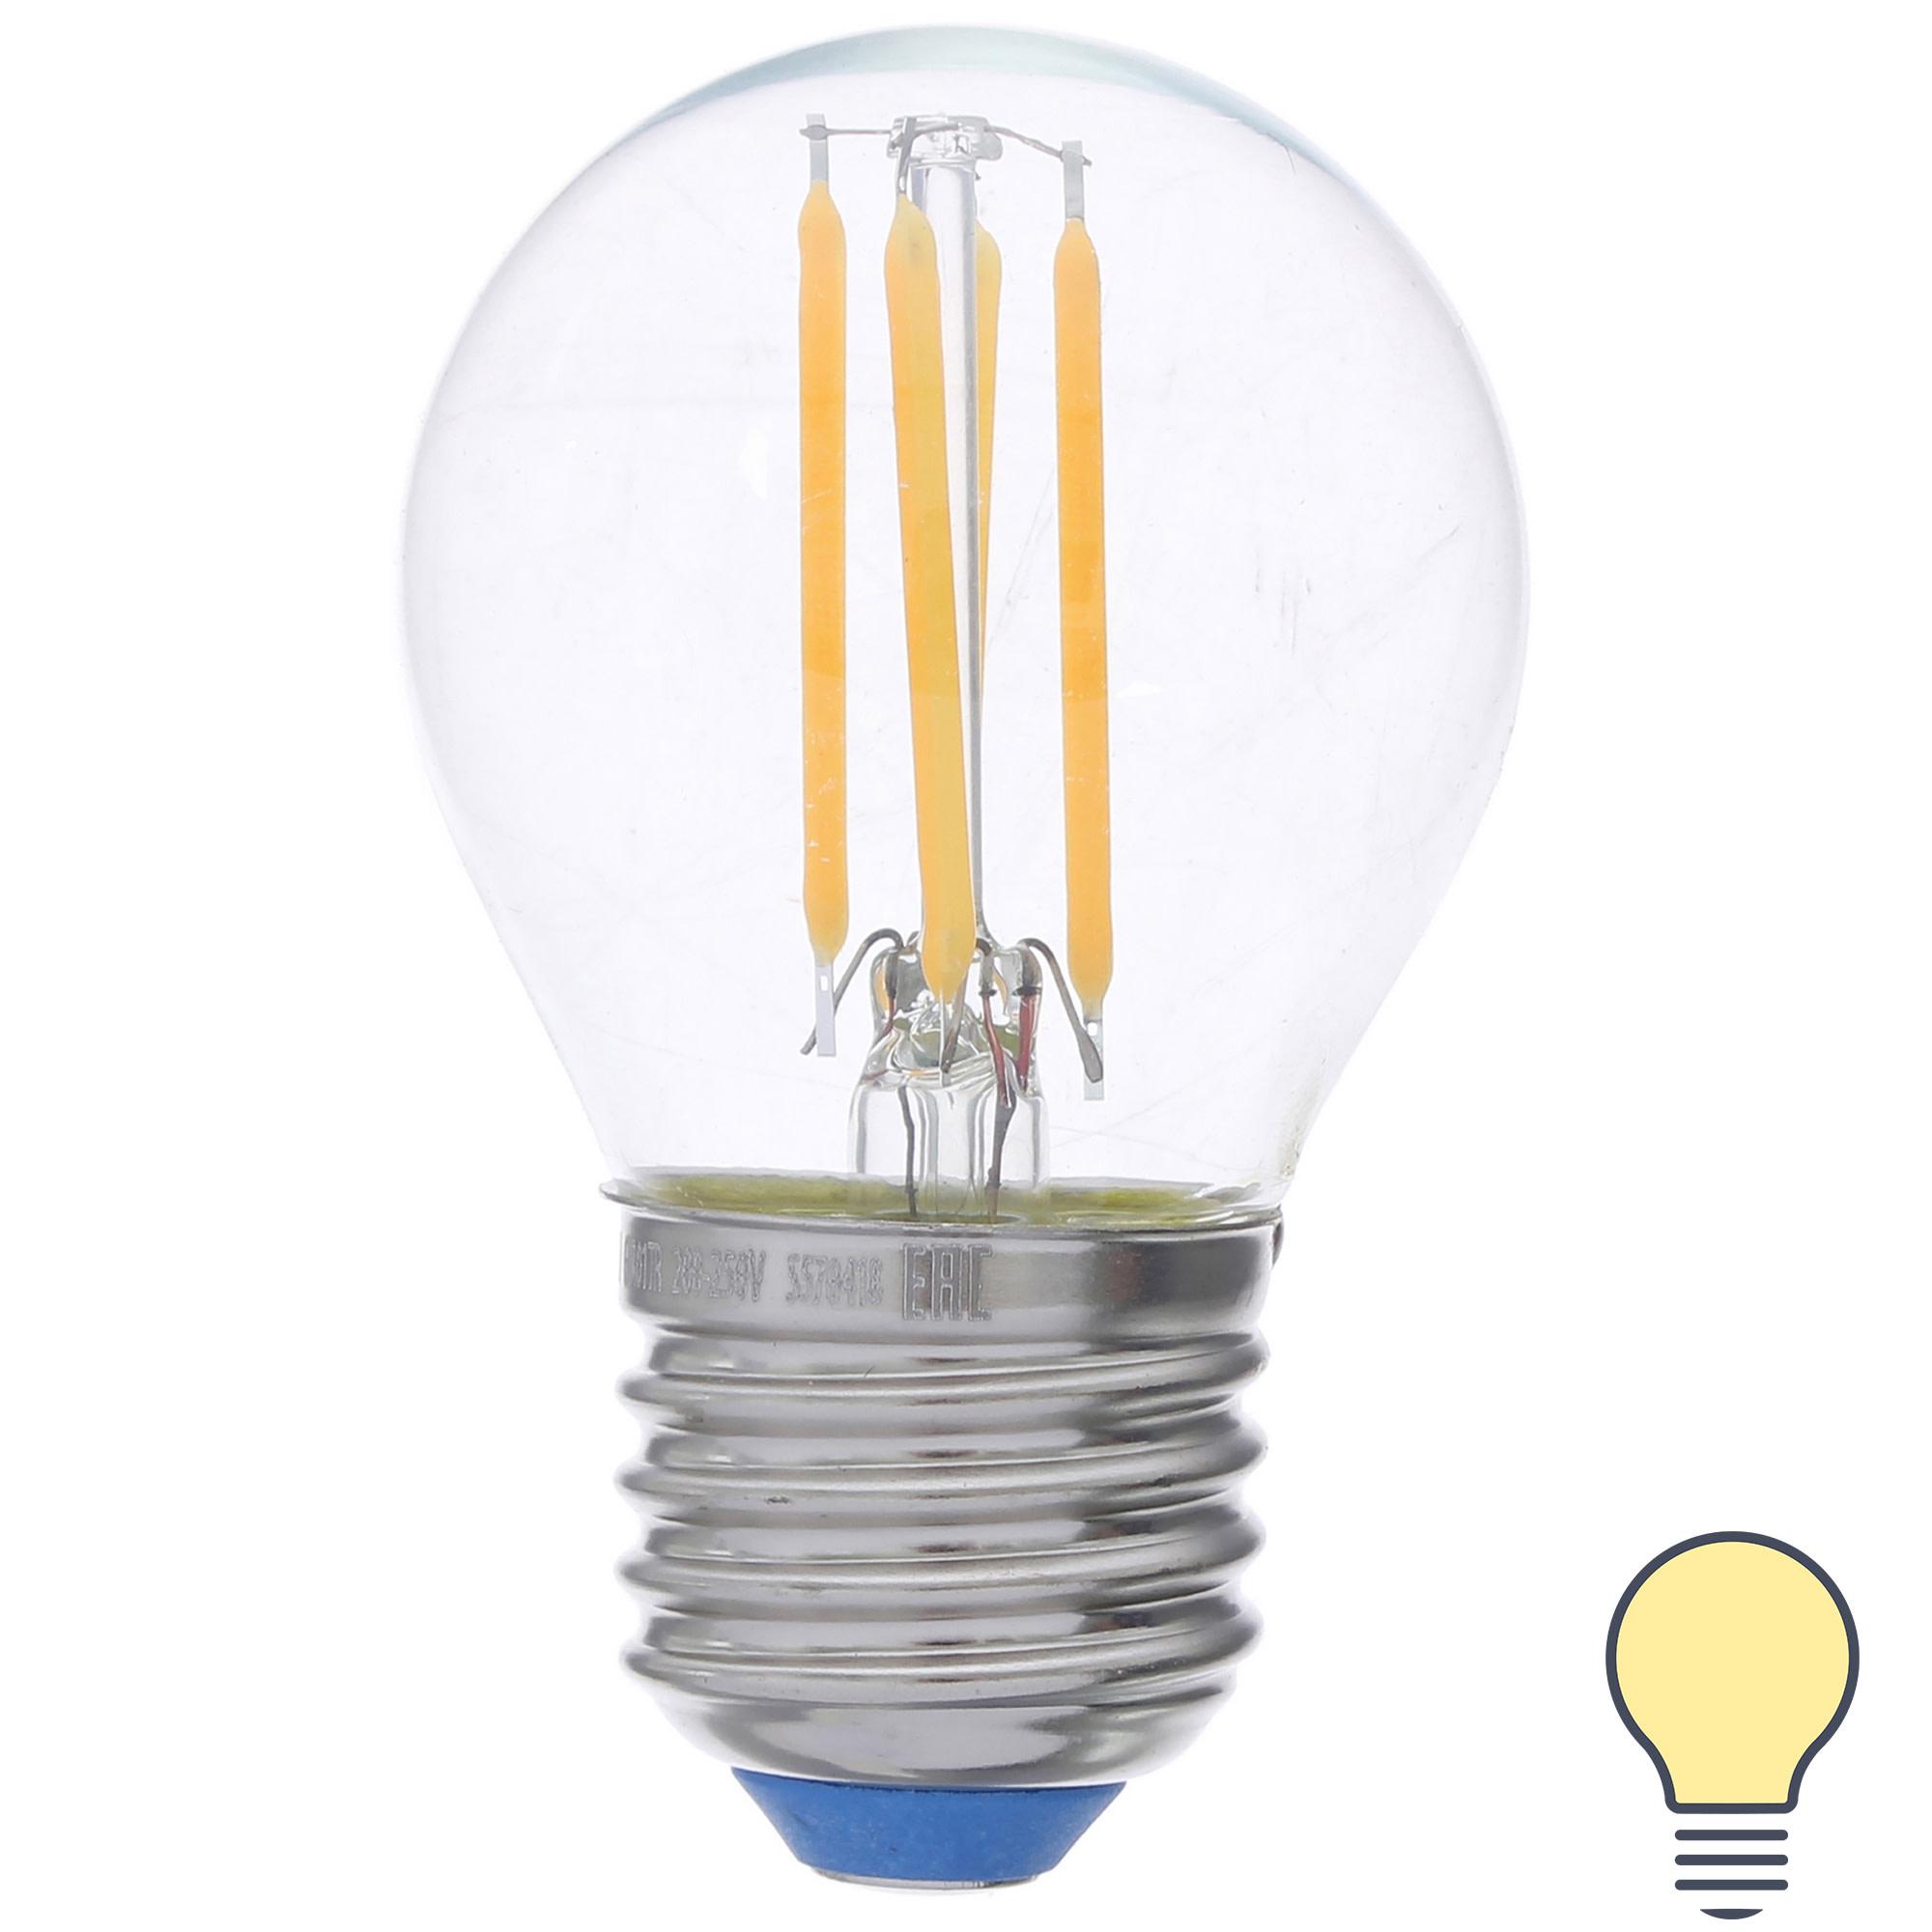 Лампа светодиодная филаментная Airdim форма шар E27 5 Вт 500 Лм свет тёплый